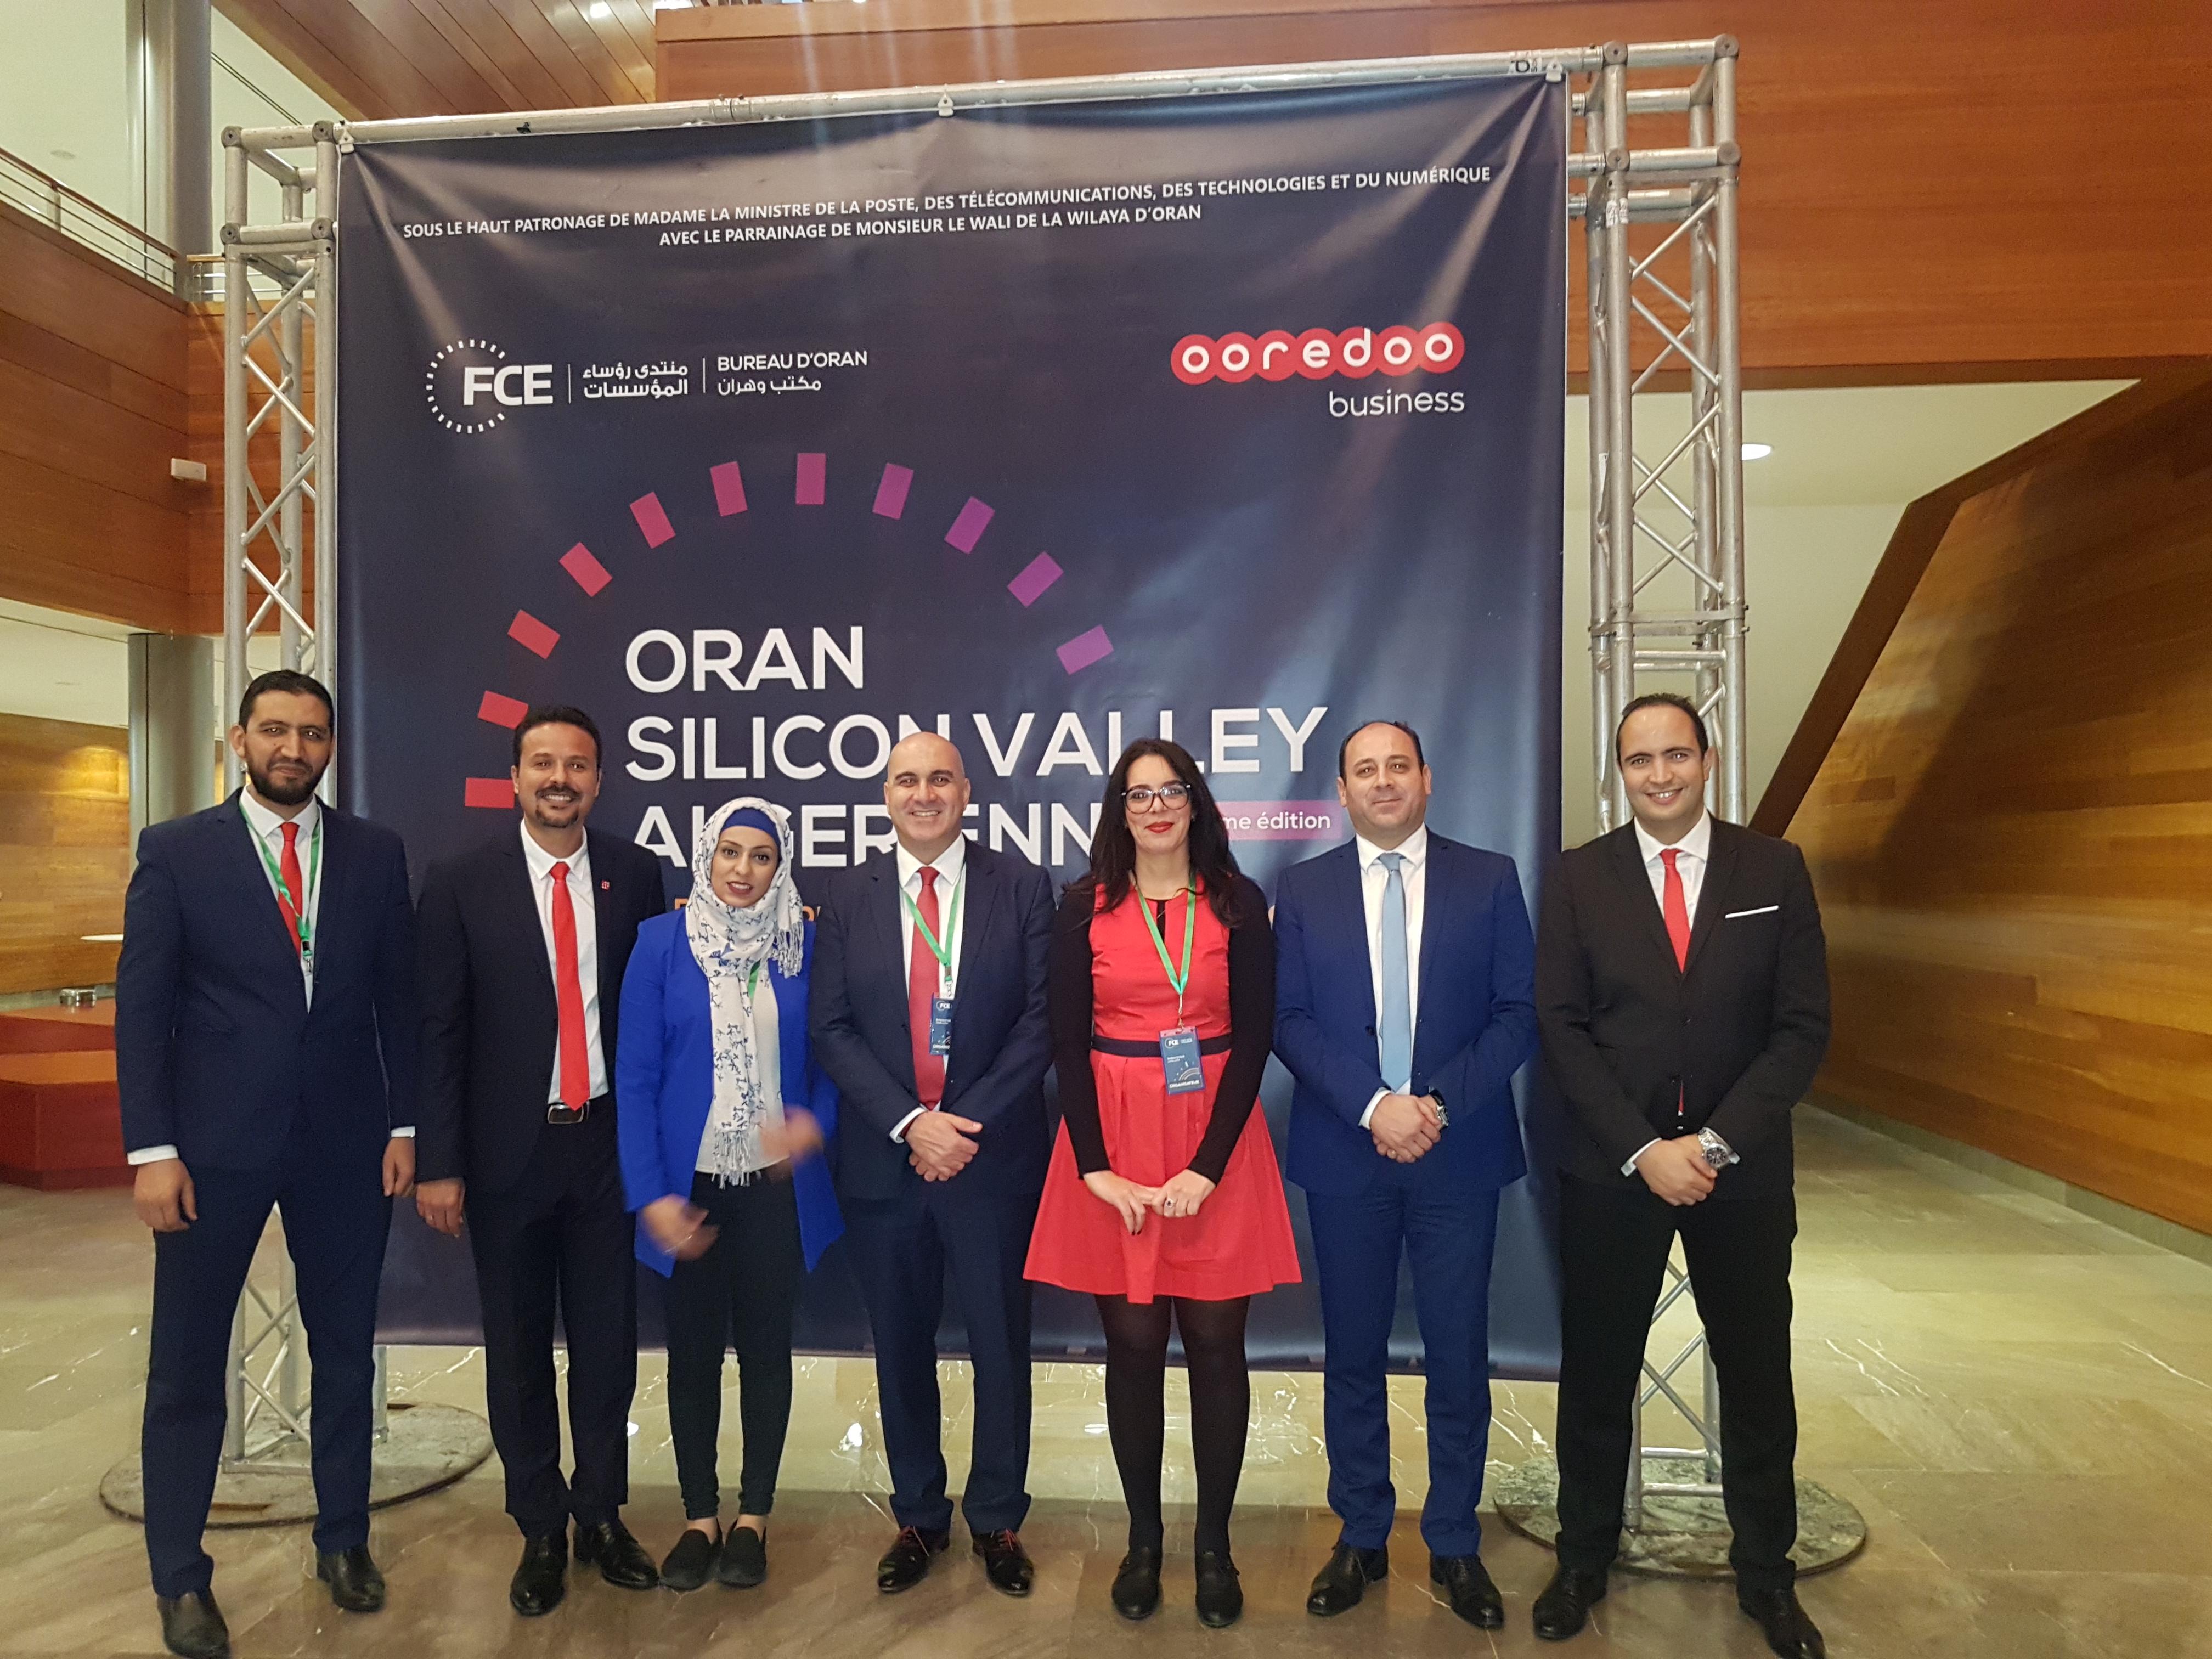 DIA-Ooredoo à la 2ème Oran Silicon Valley Algérienne